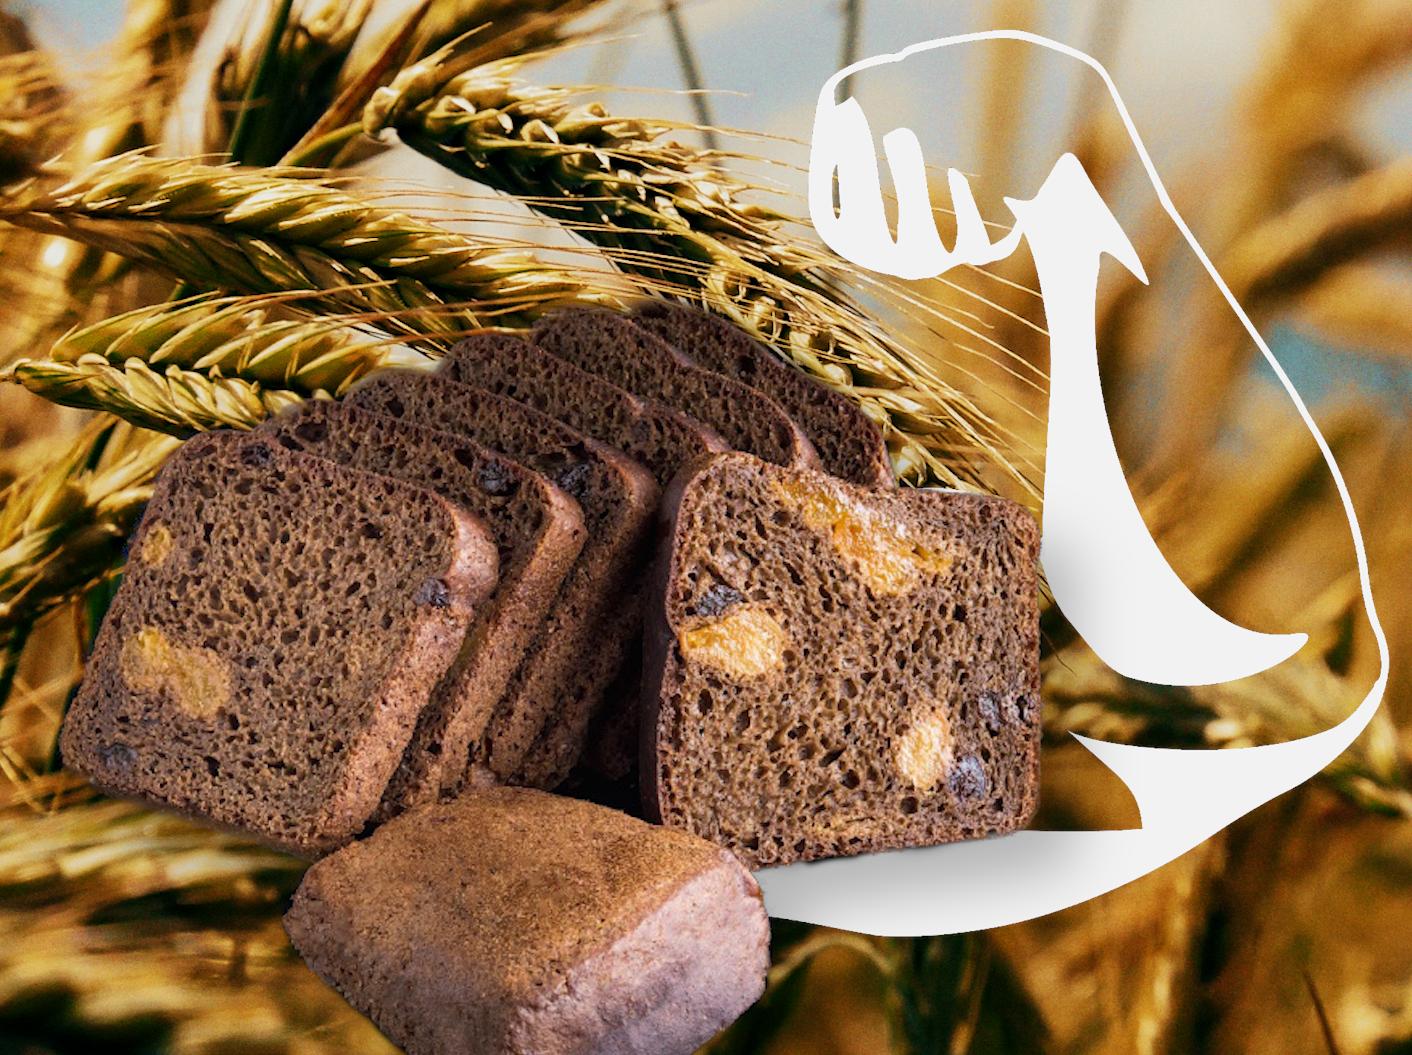 идеальный газон, ржаной хлеб галерея фото кухня простые